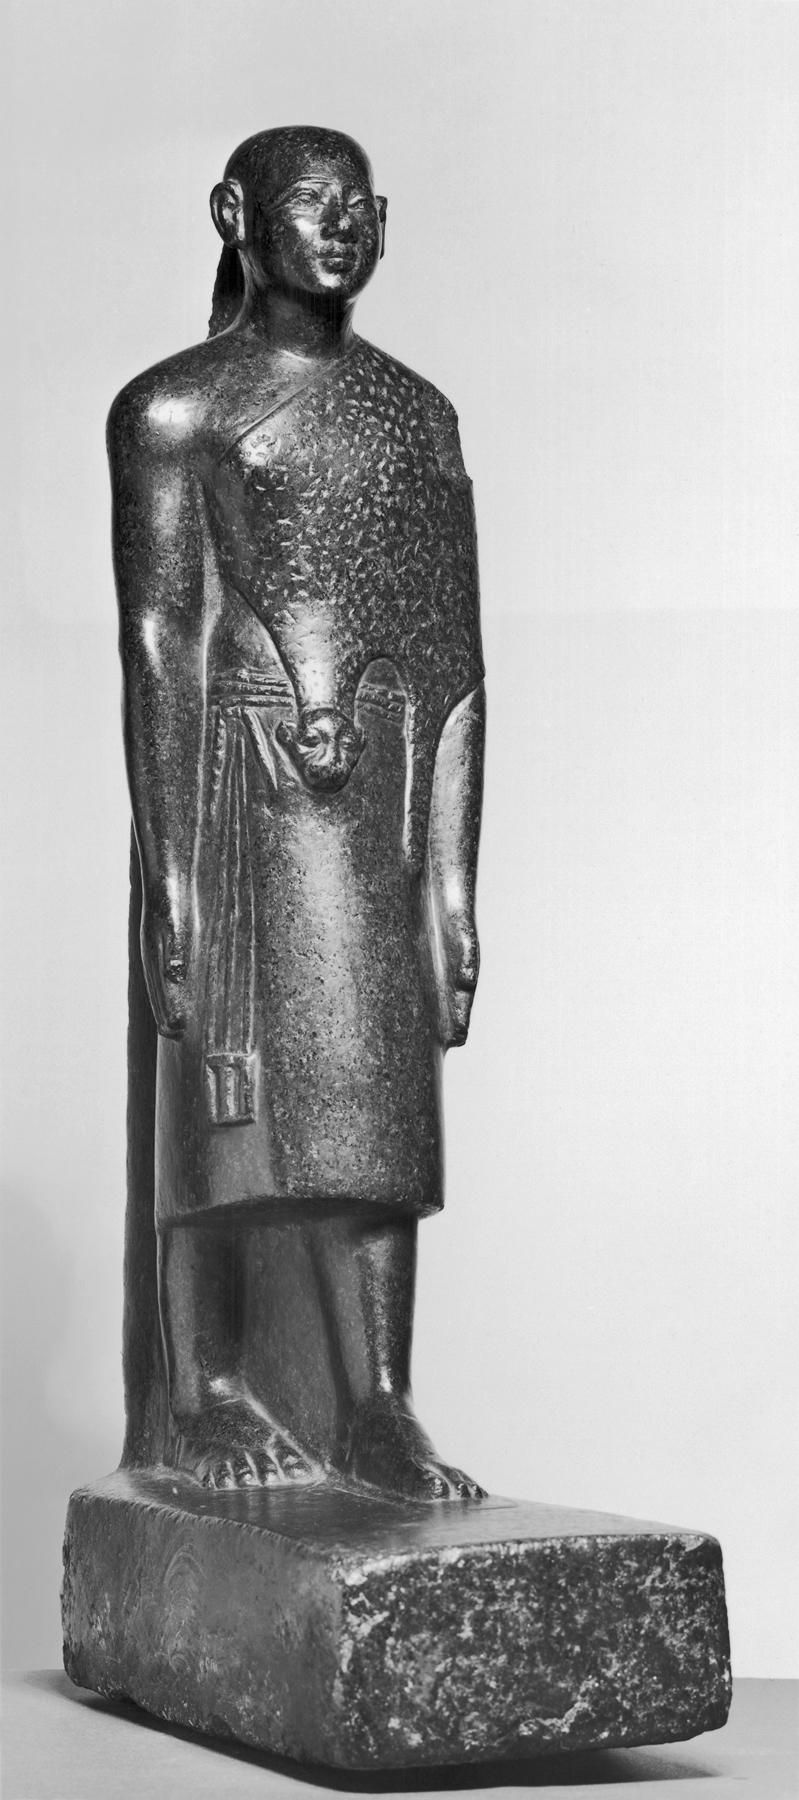 File:Egyptian - Standing Priest Wearing Leopard Skin - Walters 22113.jpg -  Wikimedia Commons